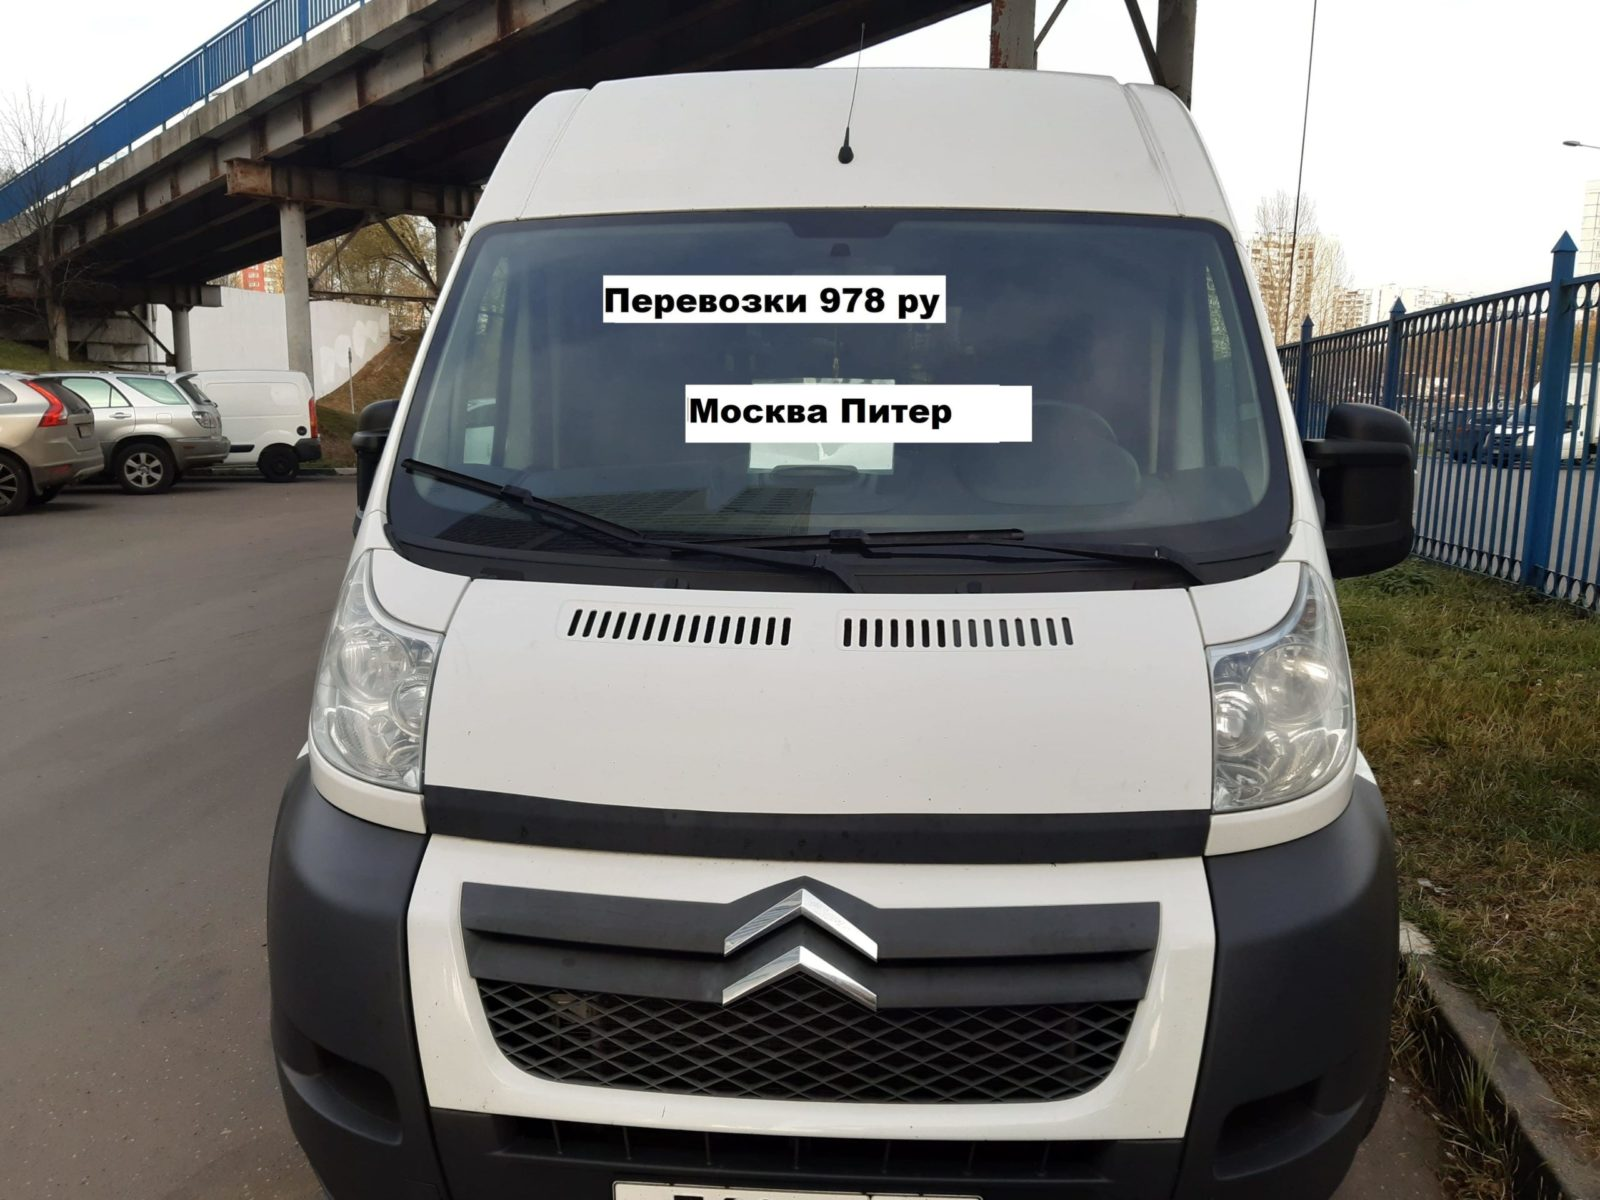 Перевозки Москва Санкт Петербург.